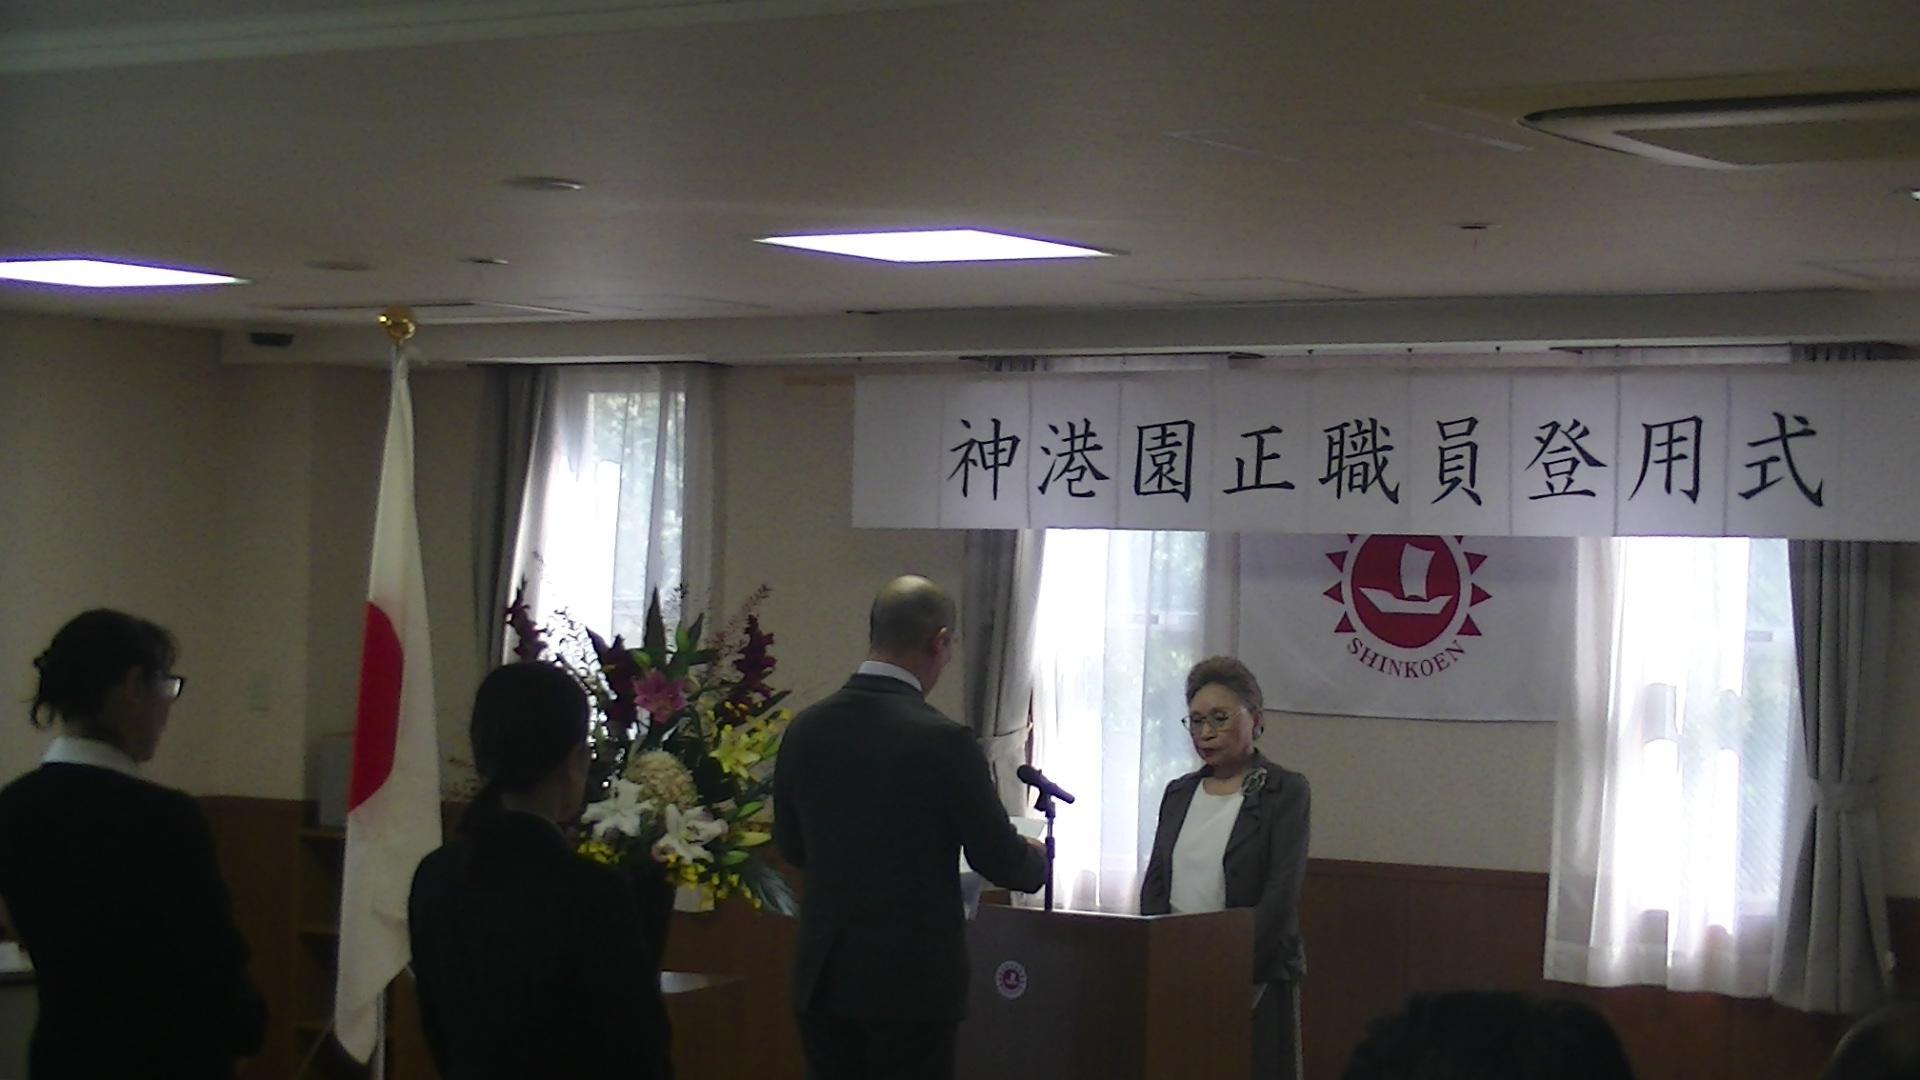 【10月1日】正職員登用式が開催されました!